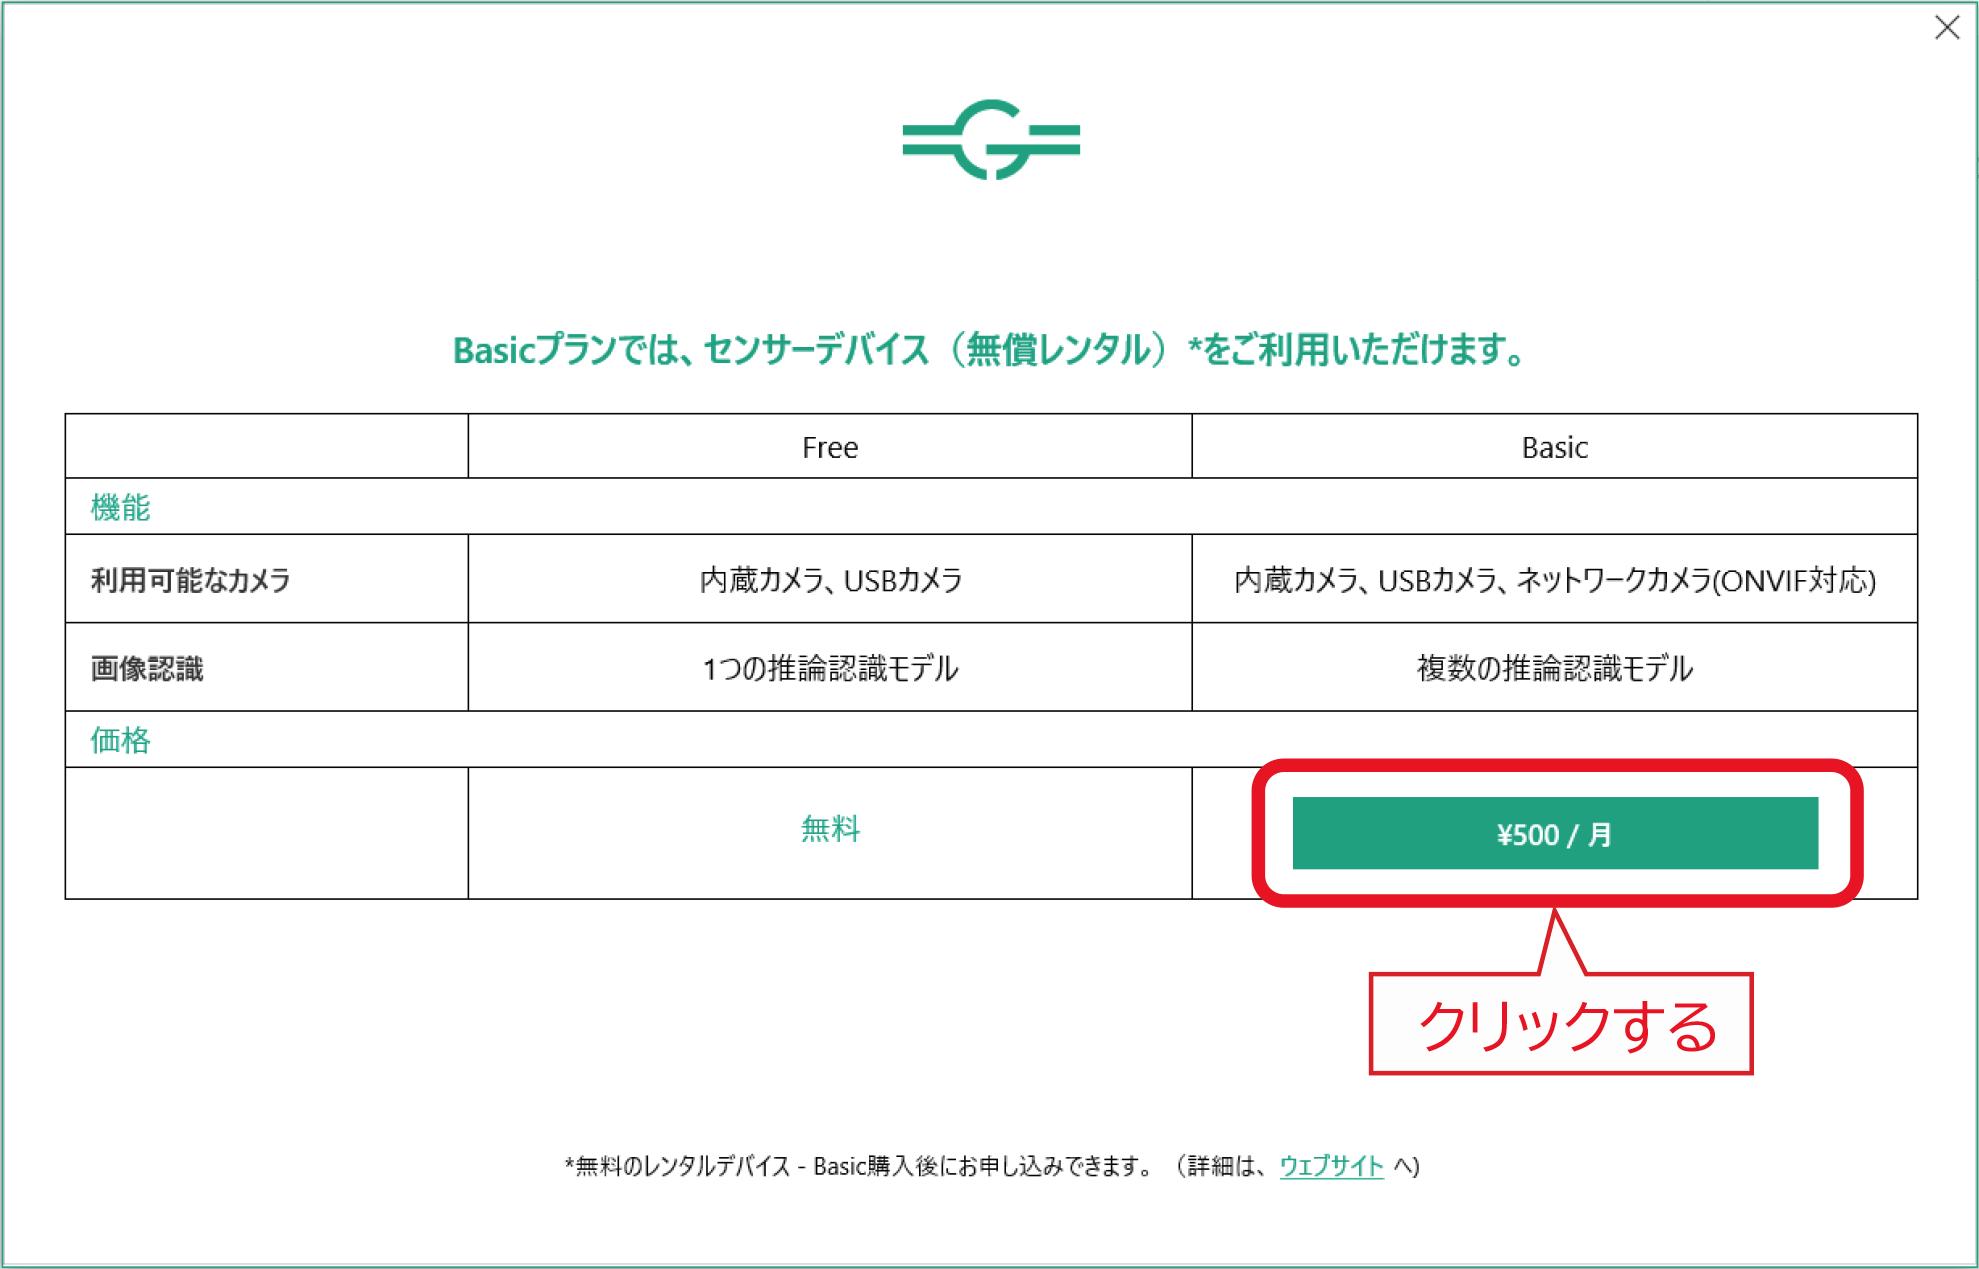 ¥500 / 月